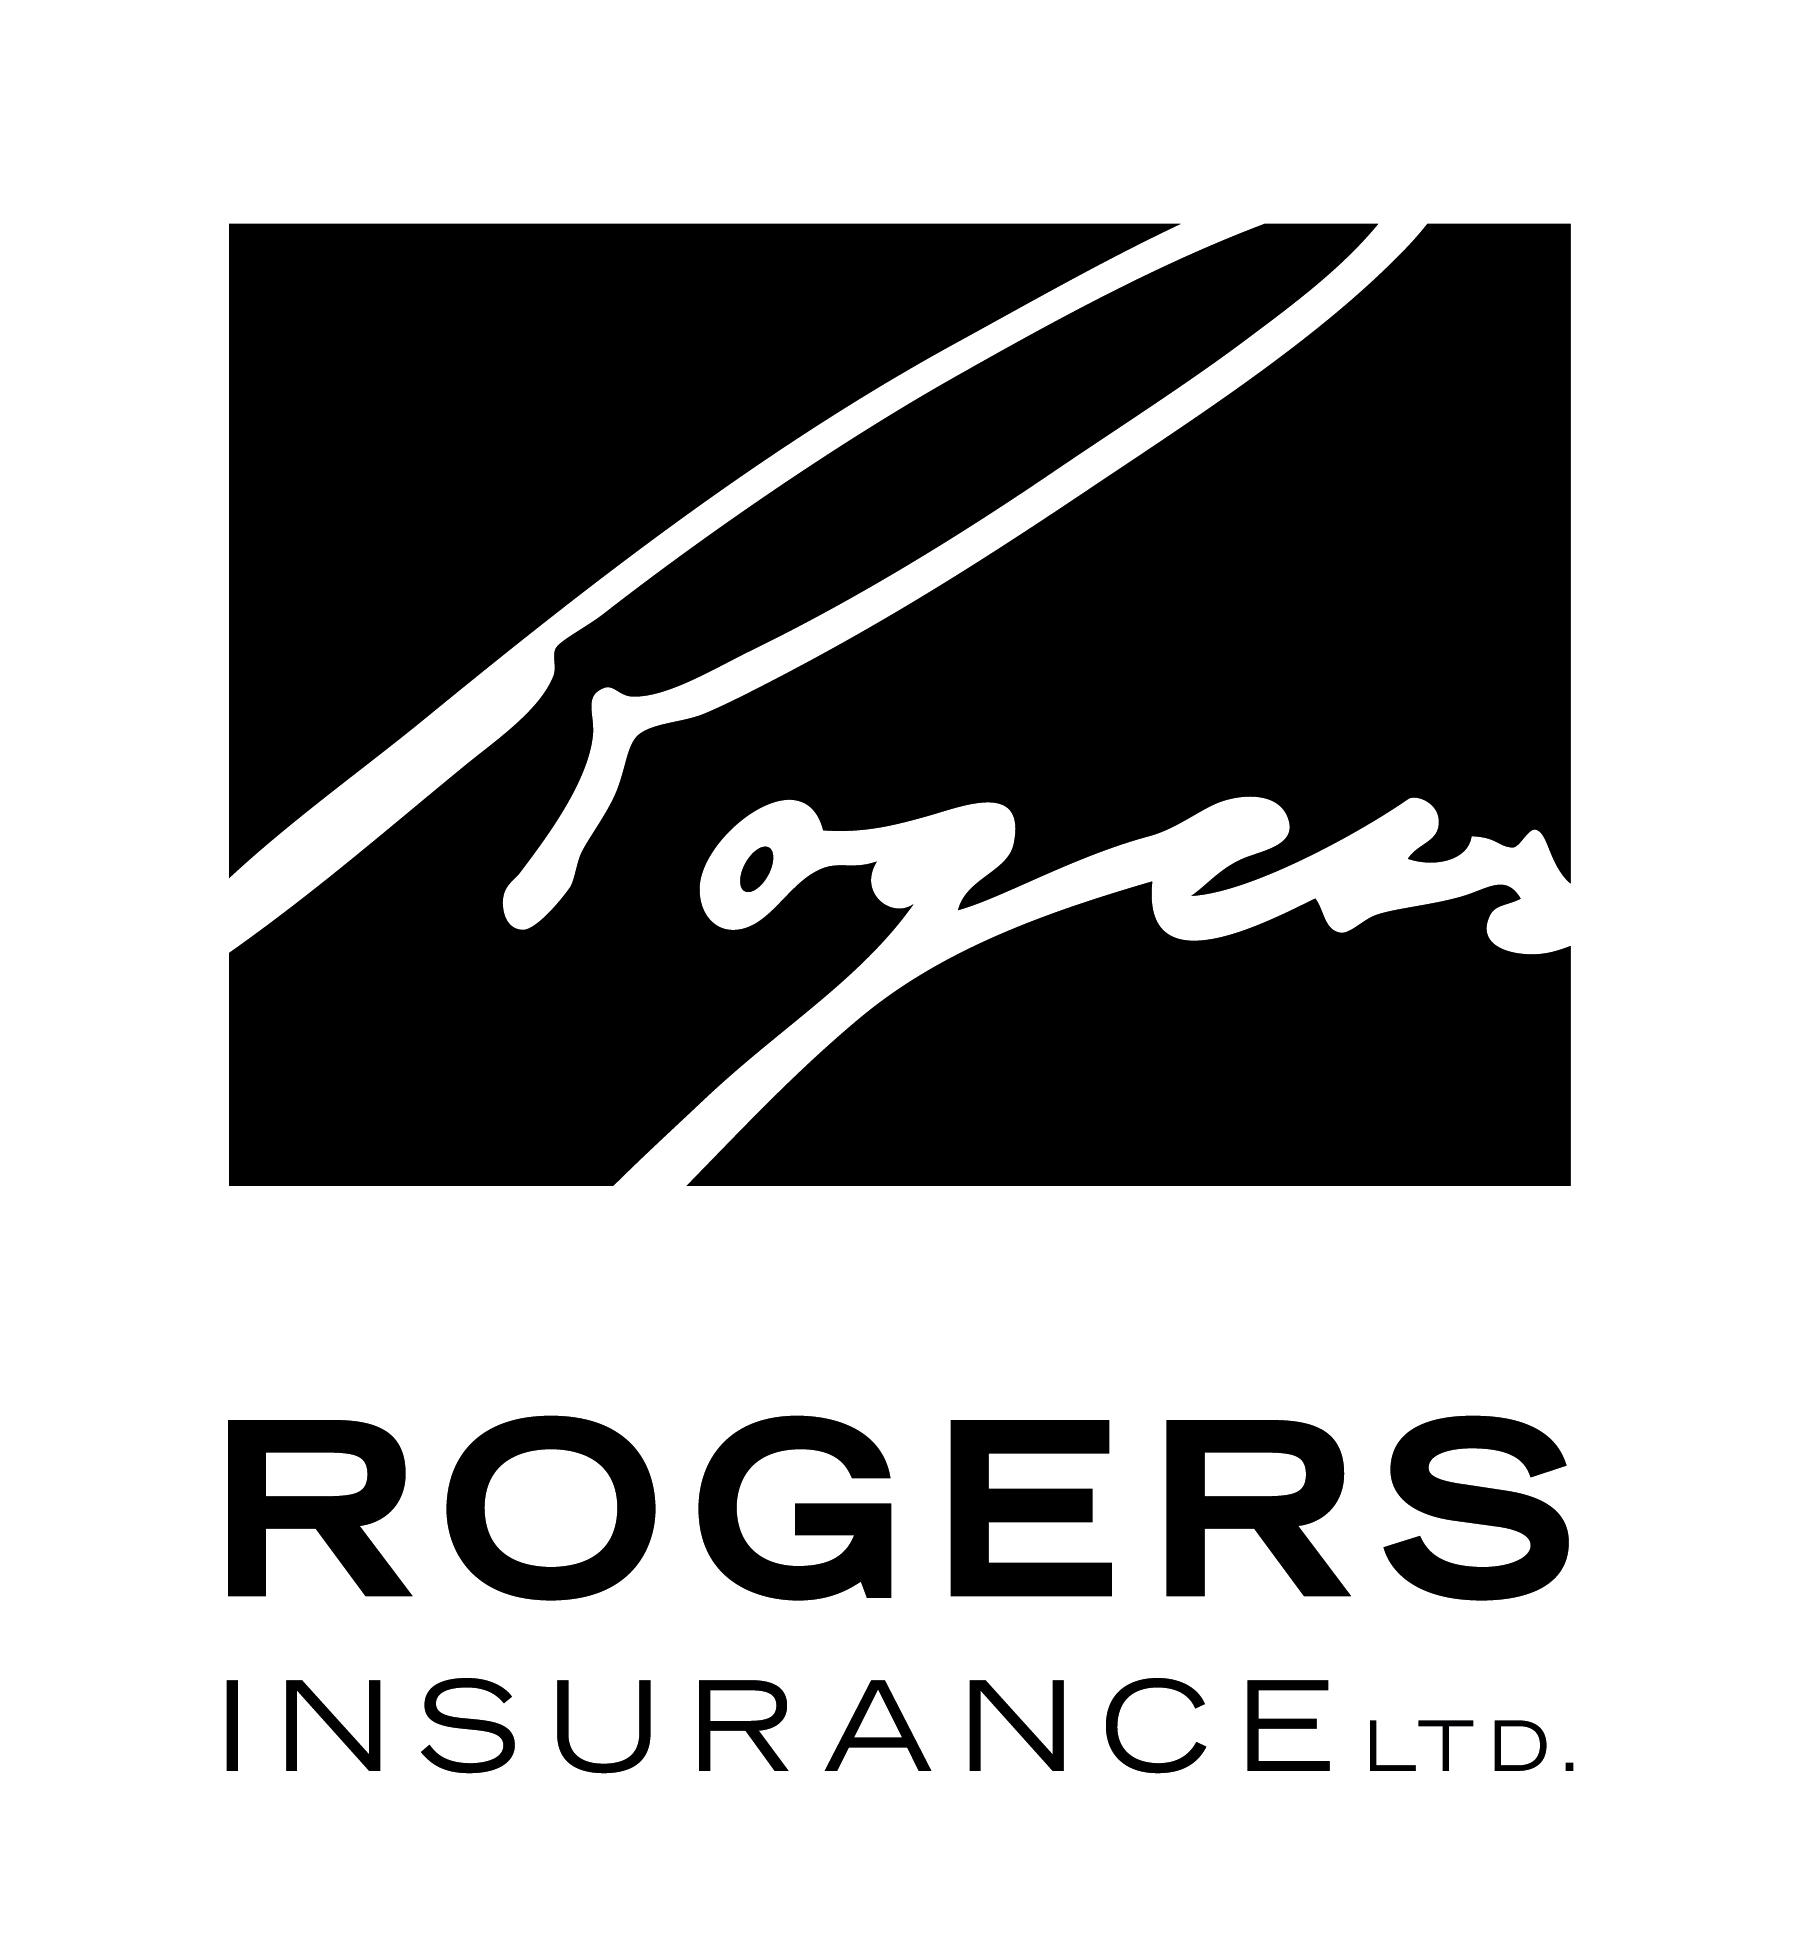 Rogers_Insurance_Logo.jpg